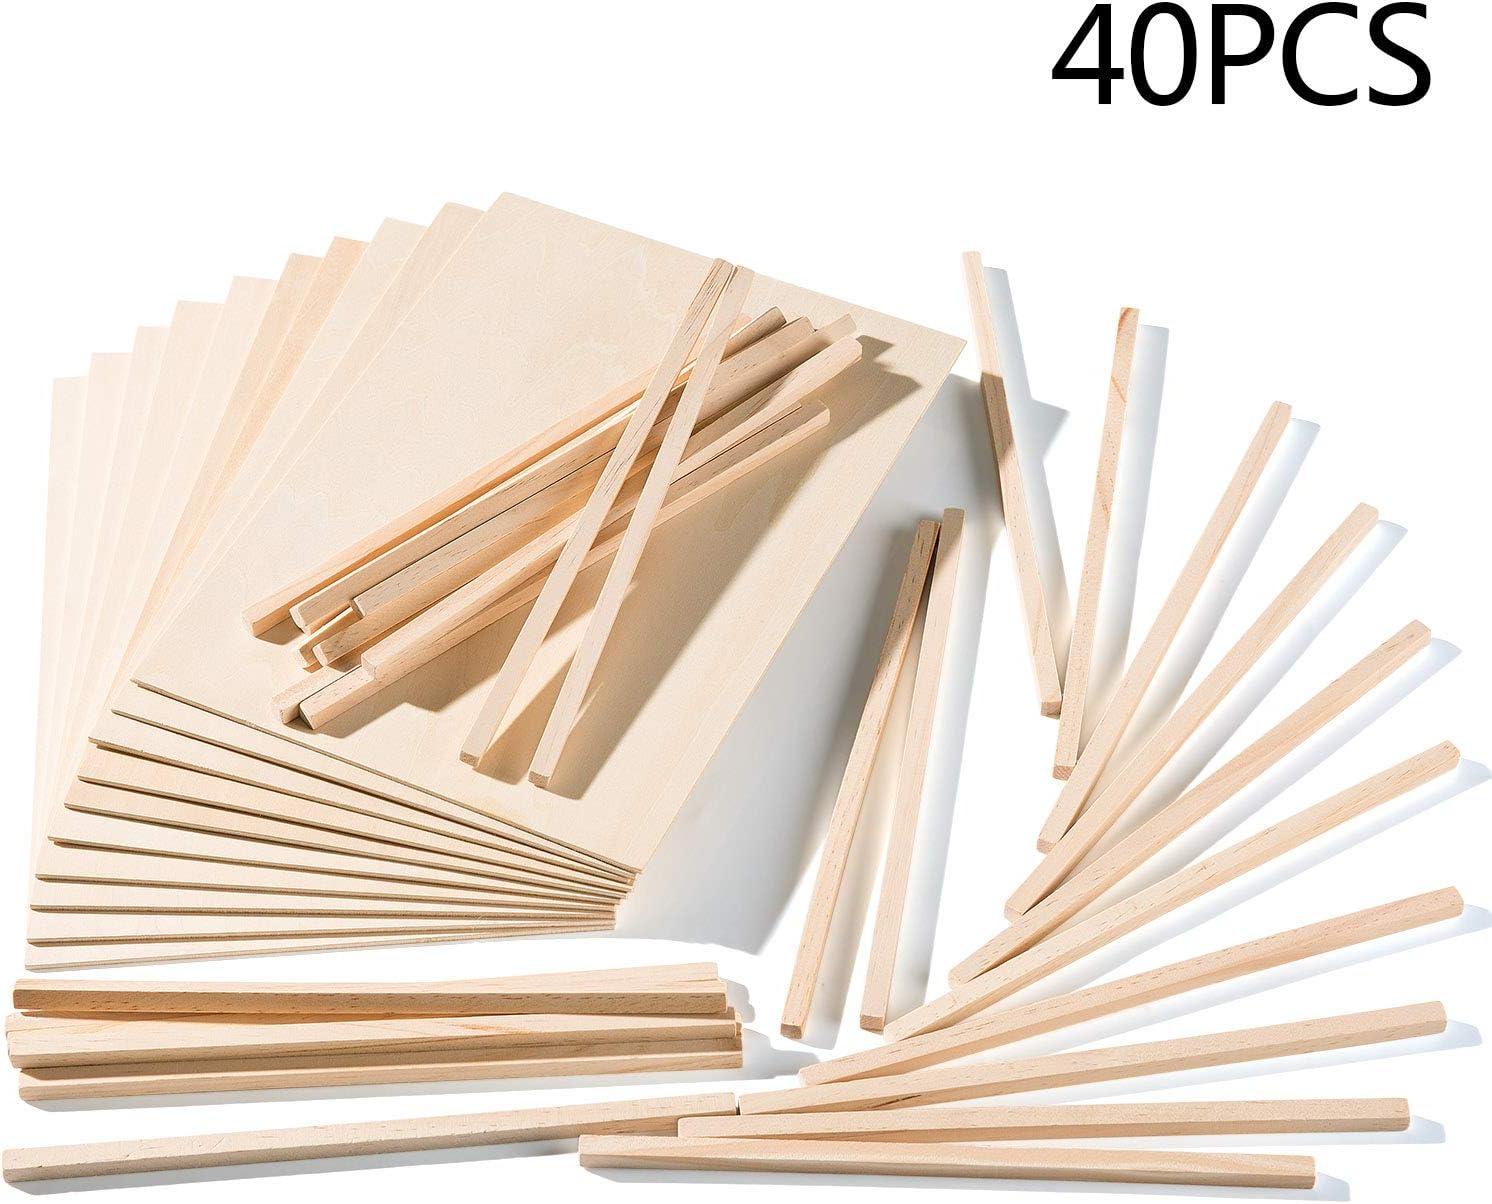 Yangbaga A4 Sperrholz-Platten Lindenholz 3mm Malen Modellbau zum Laserschneiden 10 St/ücke Holzplatten mit 30 St/ücke Holzst/äbchen 300 * 210 * 3mm Gravieren